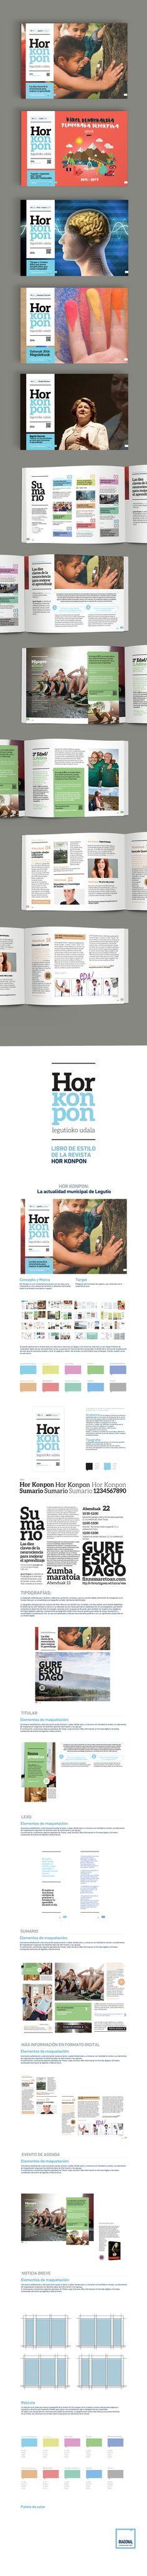 HOR KONPON - AYUNTAMIENTO DE LEGUTIO Diseño editorial y digital. Edición impresa y online.